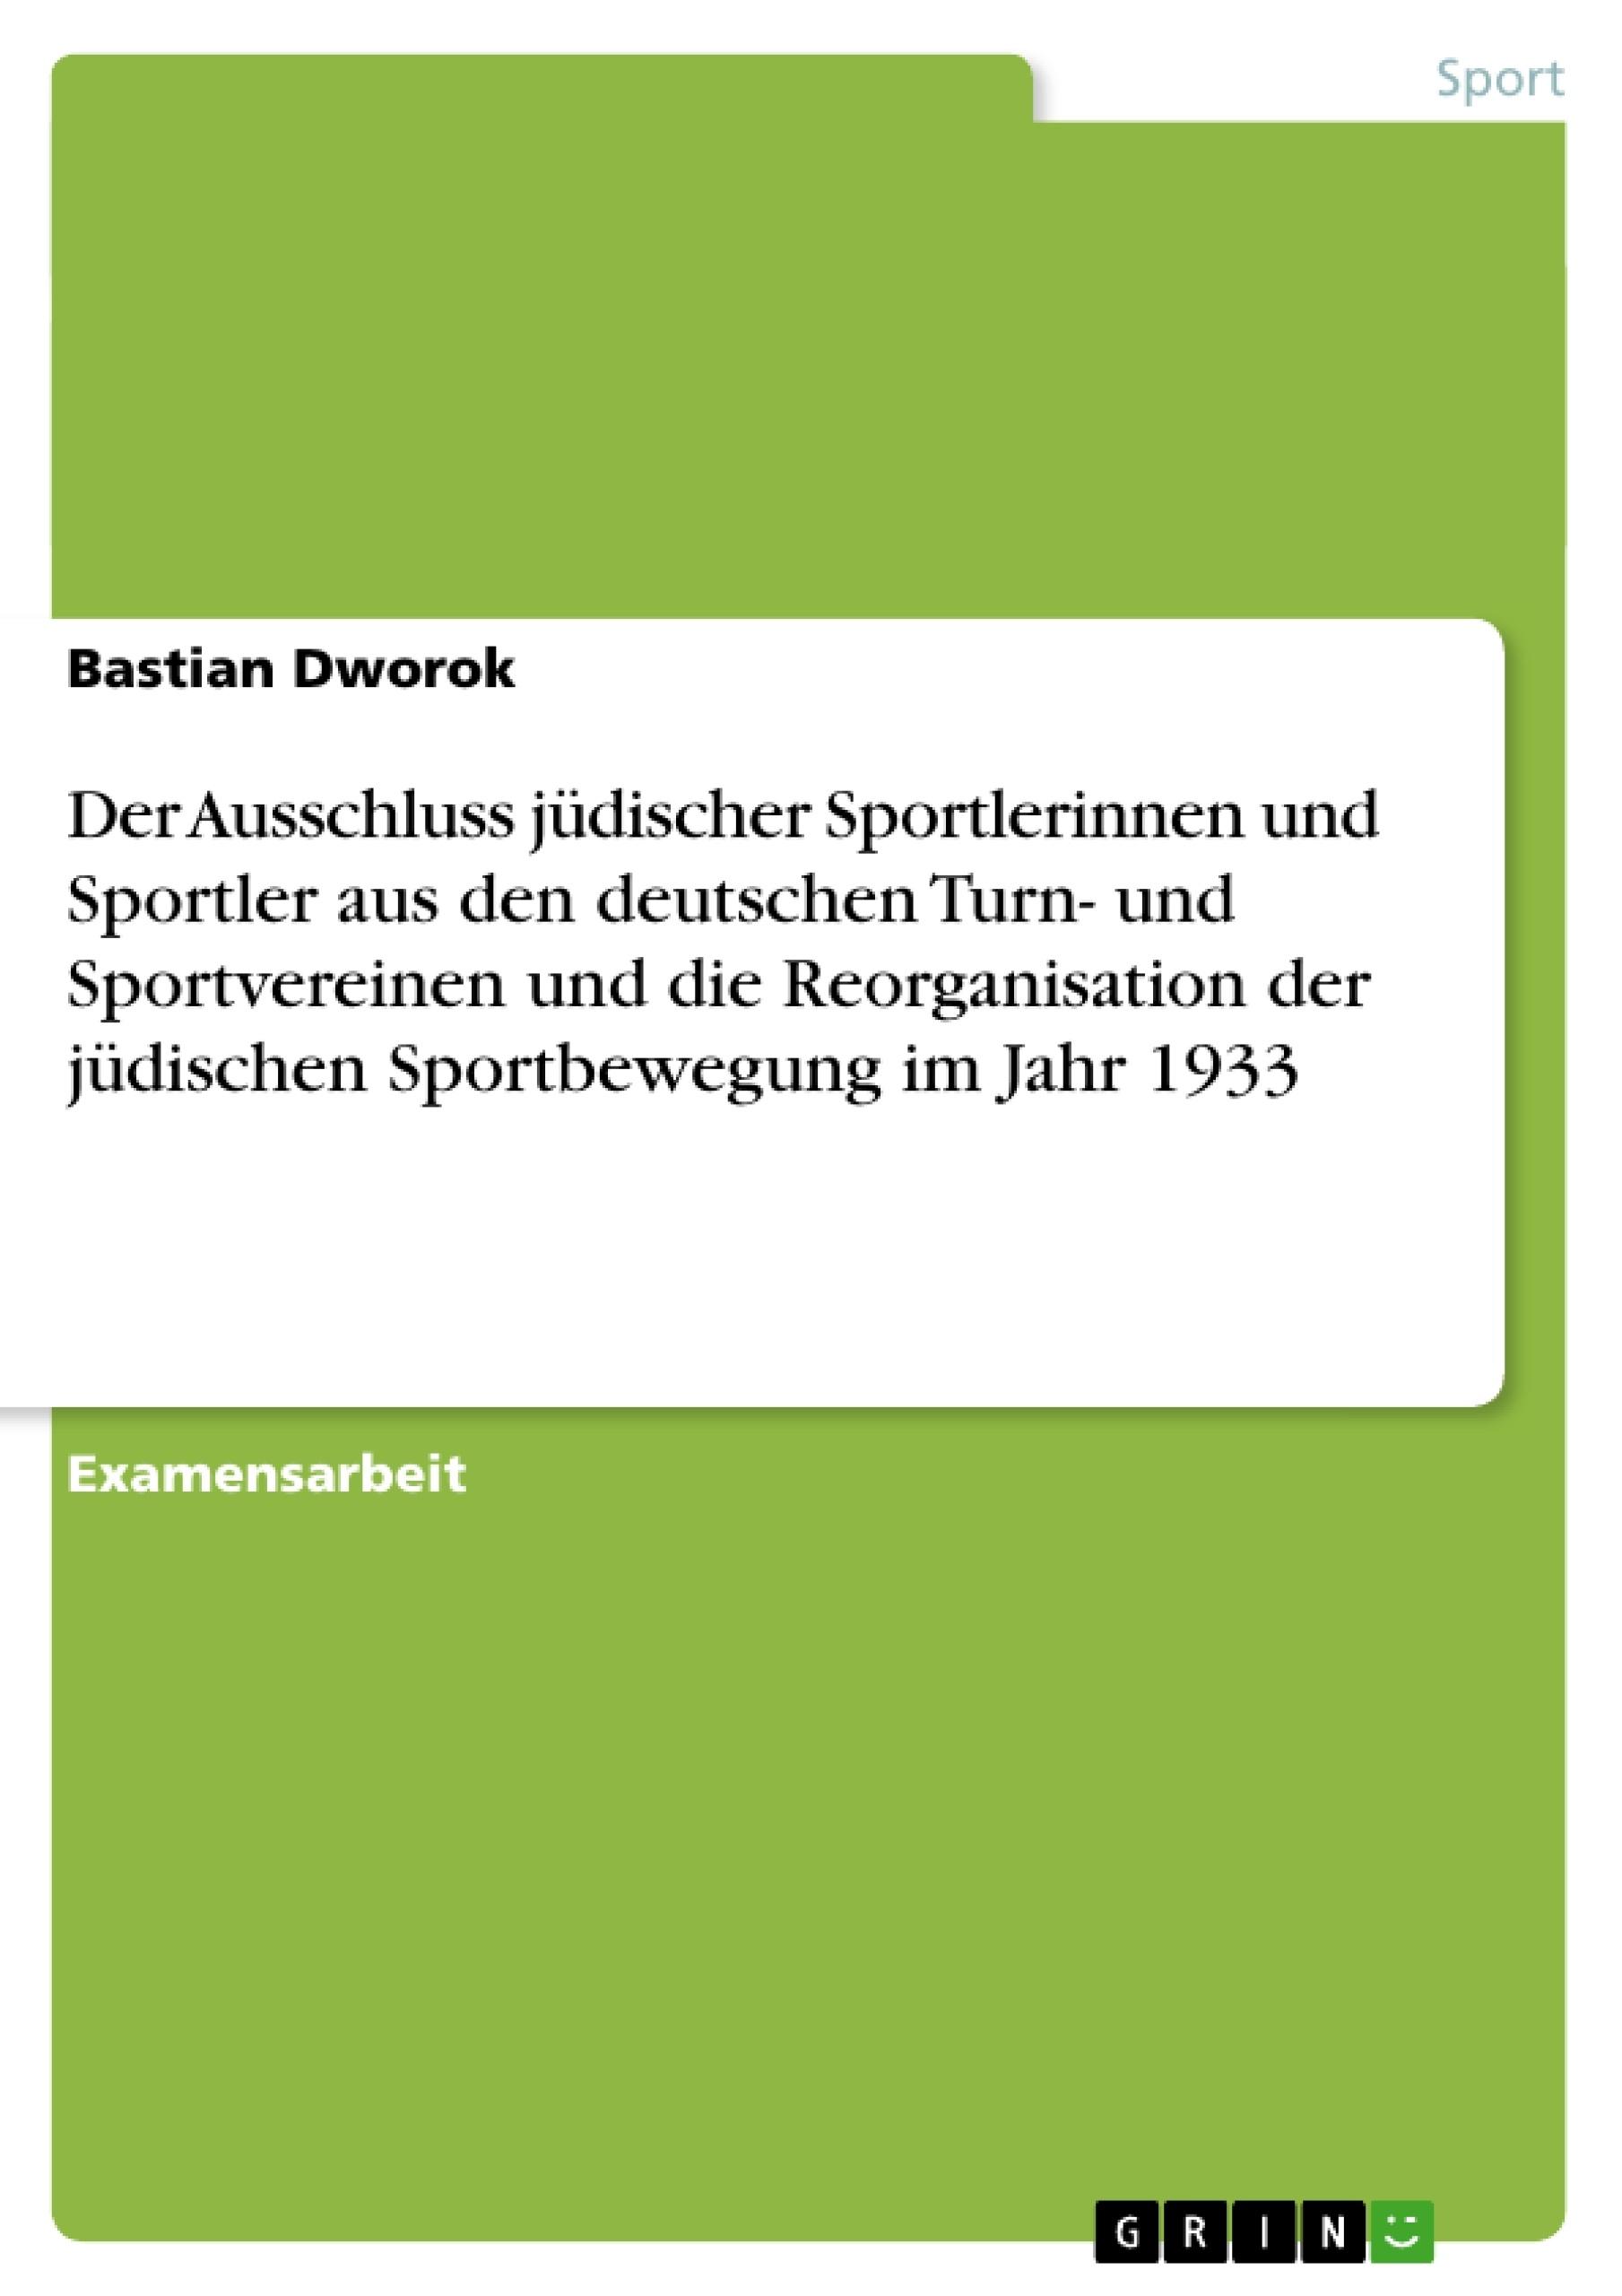 Titel: Der Ausschluss jüdischer Sportlerinnen und Sportler aus den deutschen Turn- und Sportvereinen und die Reorganisation der jüdischen Sportbewegung im Jahr 1933